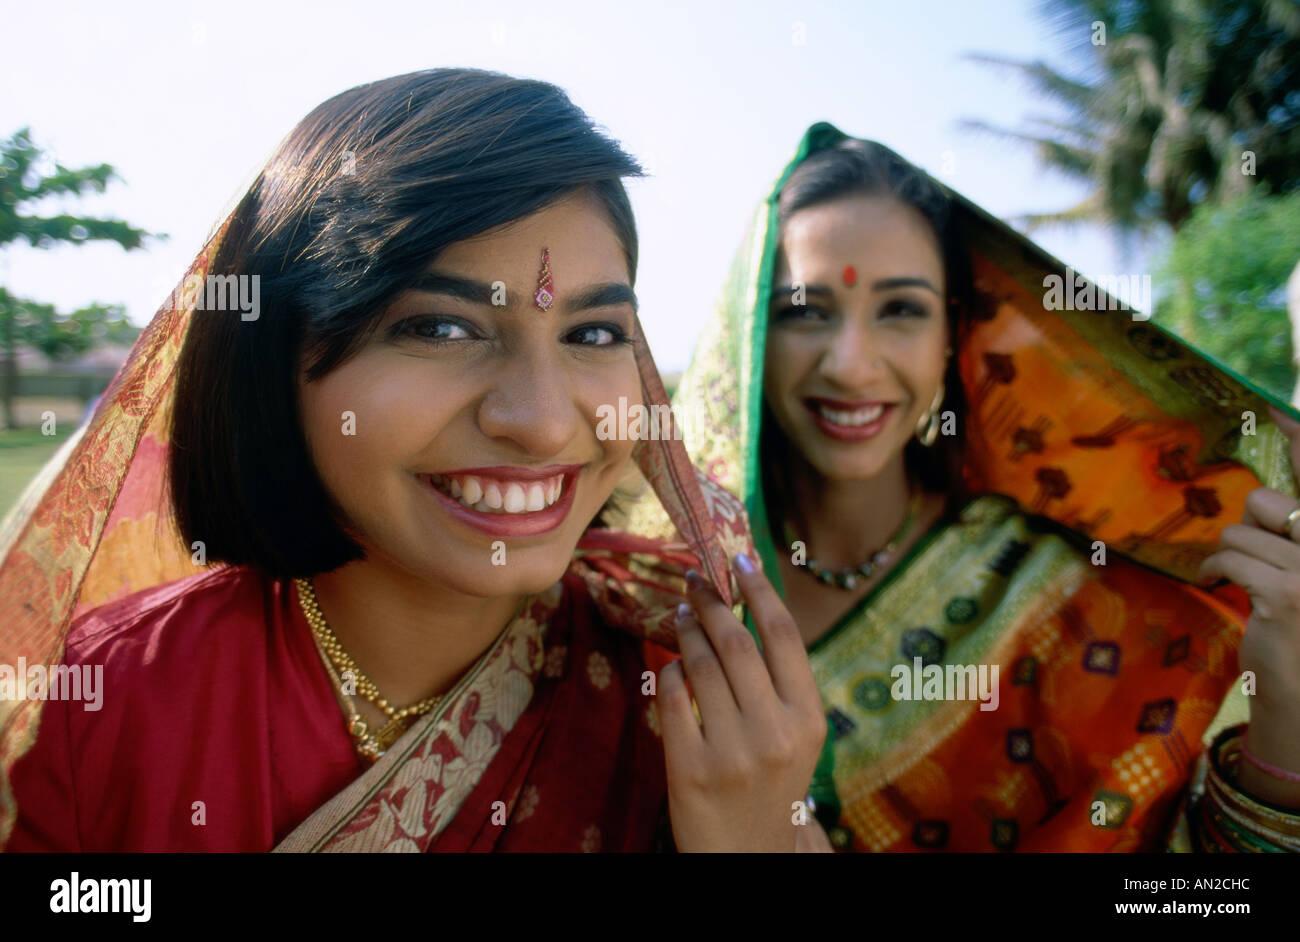 Mumbai female